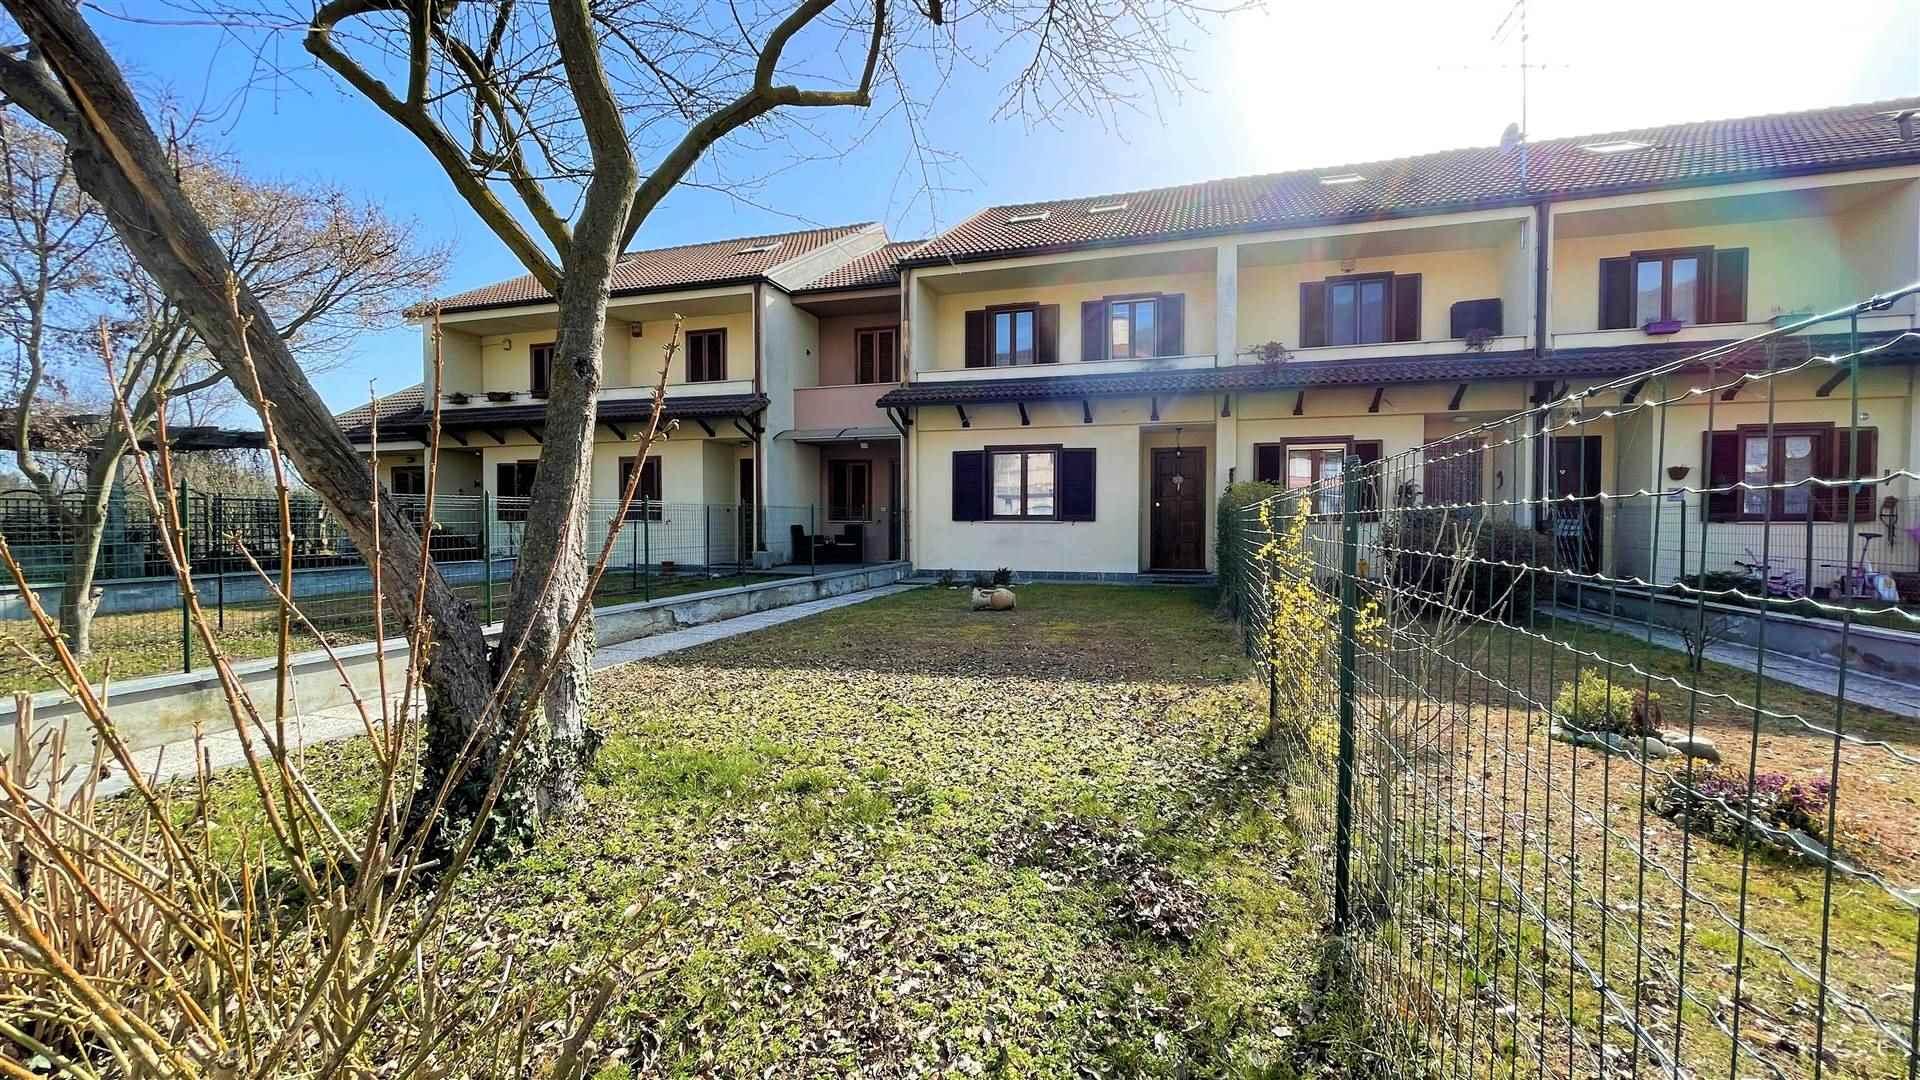 Villa a Schiera in vendita a Colleretto Giacosa, 6 locali, prezzo € 185.000 | PortaleAgenzieImmobiliari.it